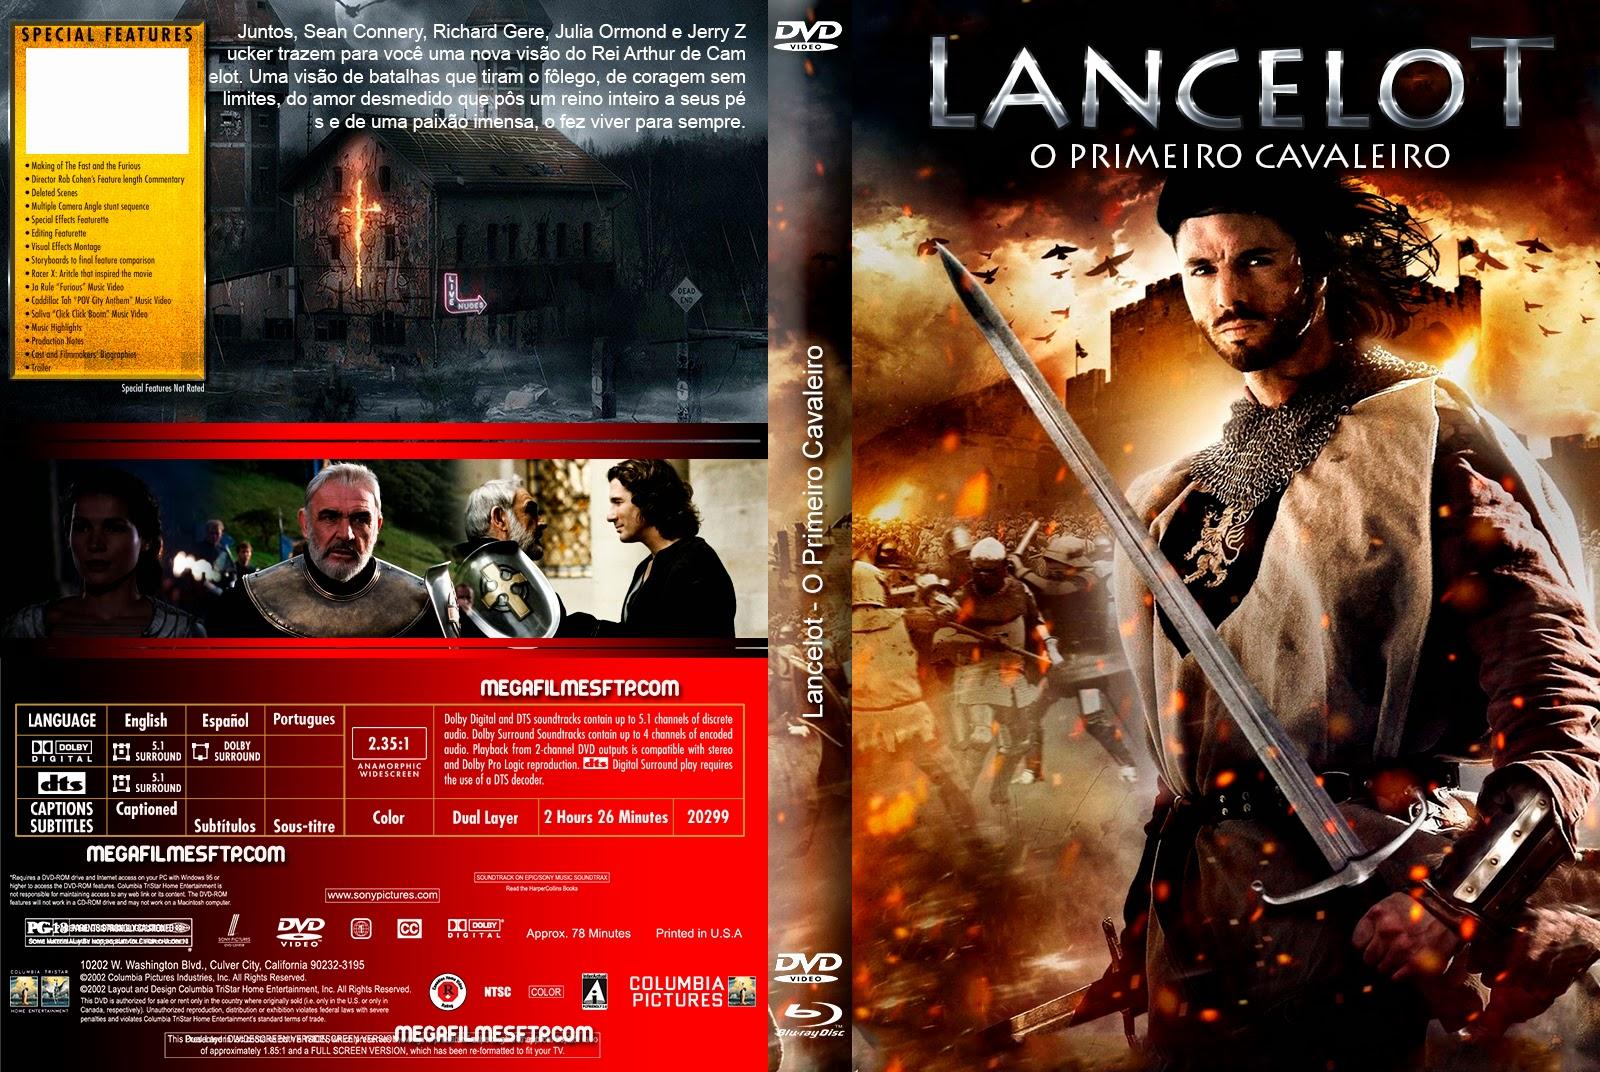 filme lancelot o primeiro cavaleiro